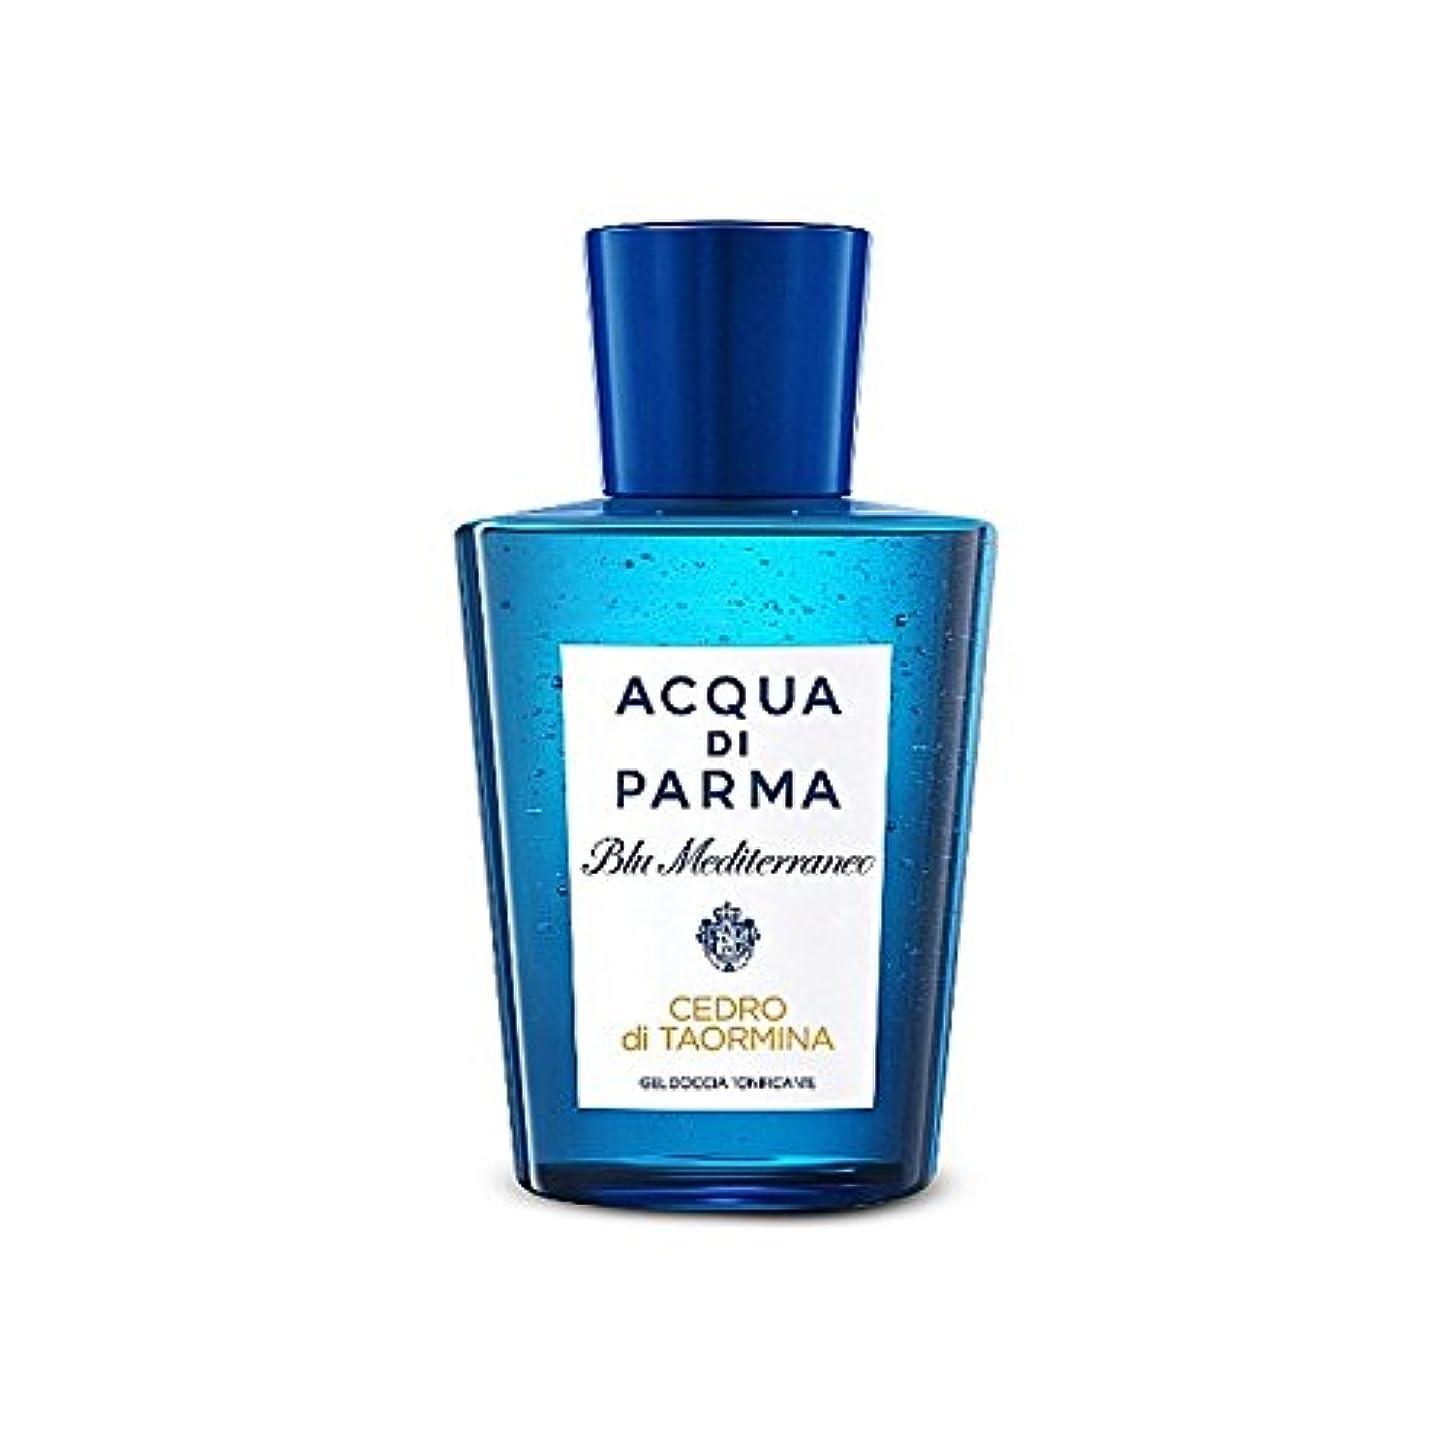 キウイ伴う複製Acqua Di Parma Cedro Di Taormina Shower Gel 200ml - アクアディパルマディミーナシャワージェル200 [並行輸入品]